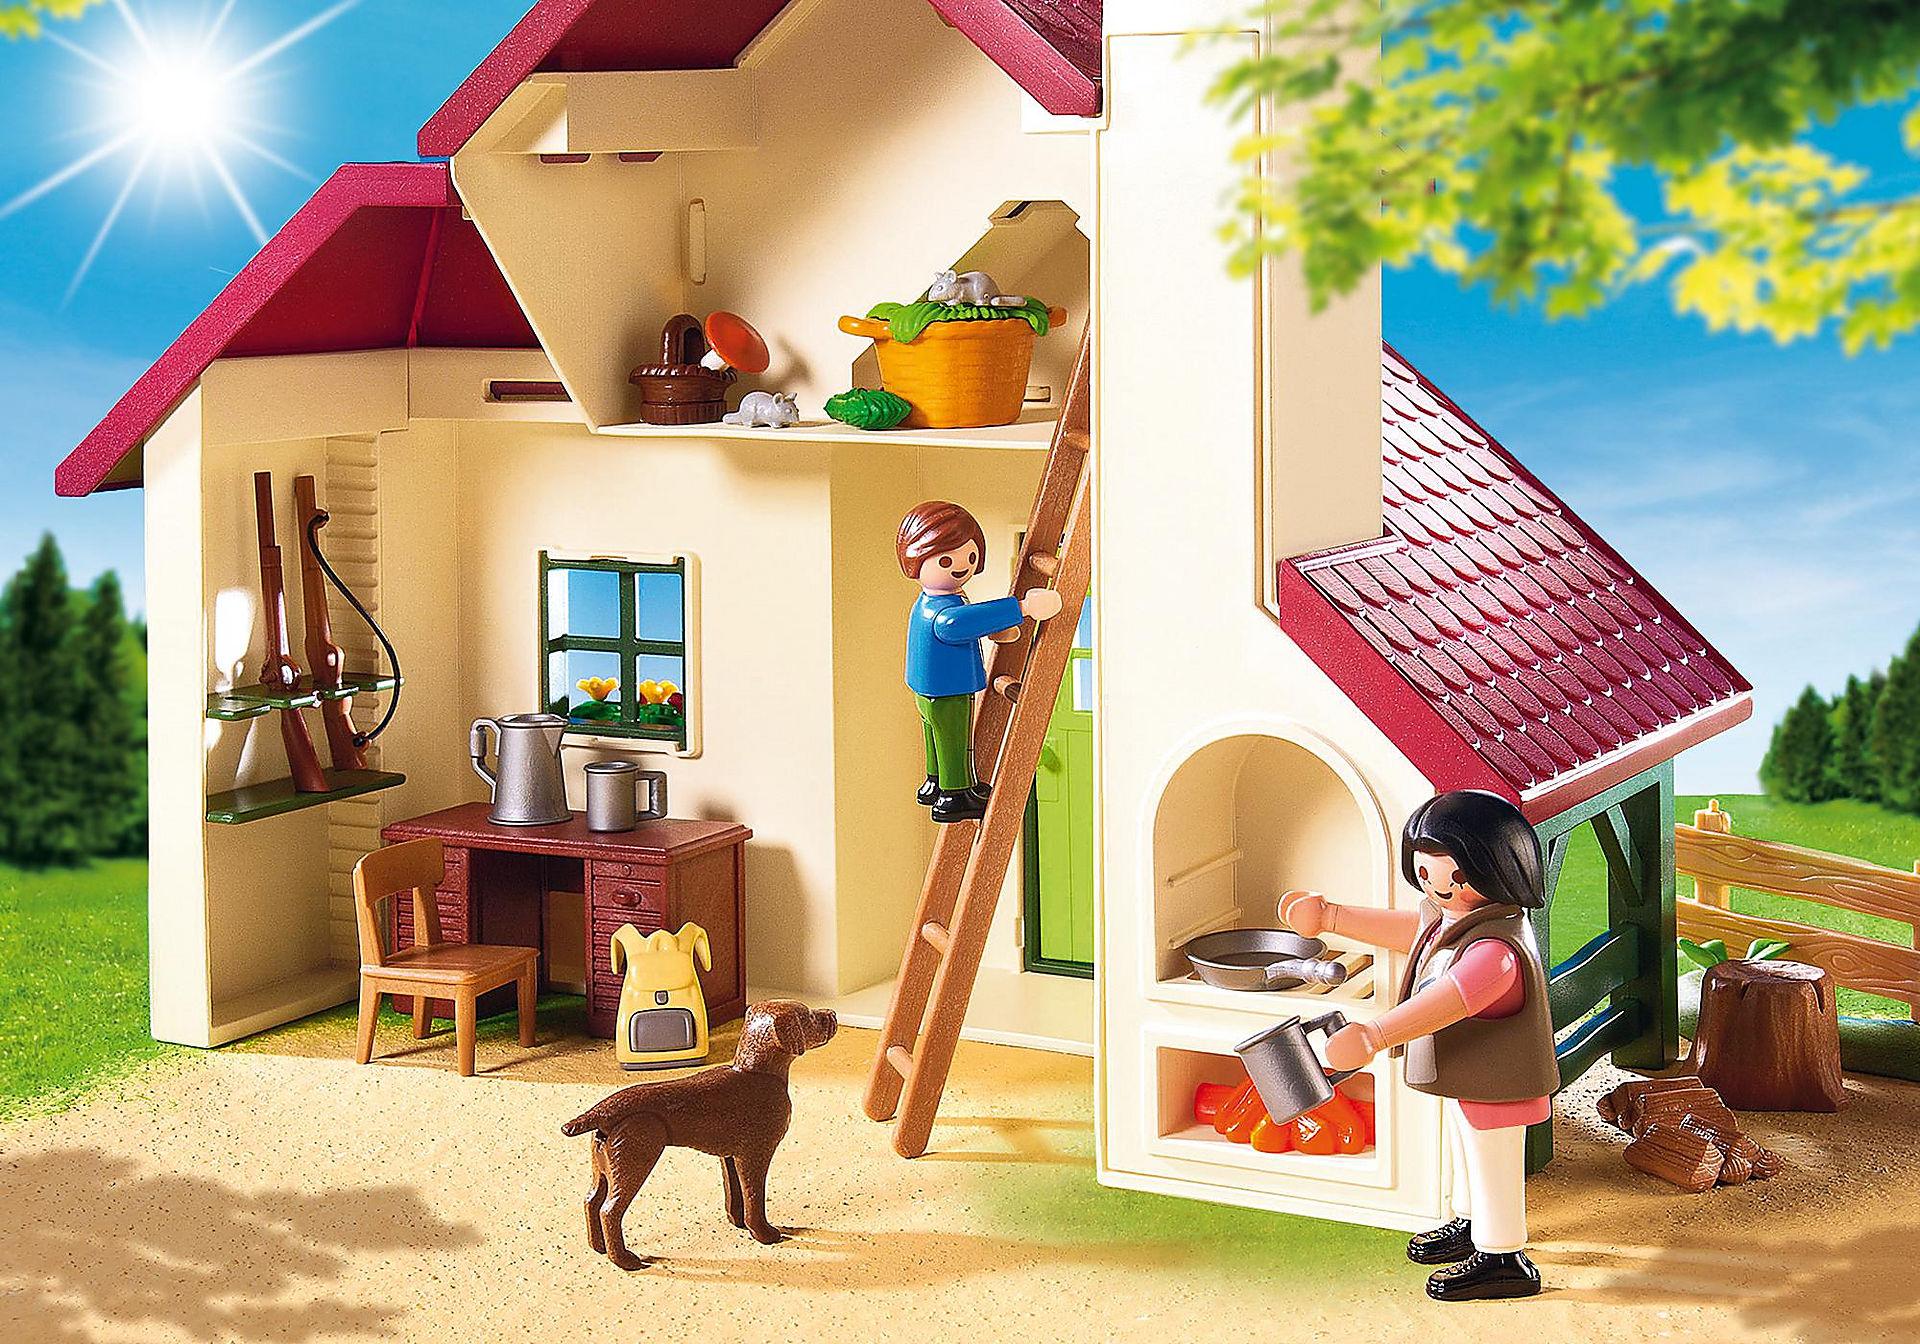 http://media.playmobil.com/i/playmobil/6811_product_extra1/Maison forestière